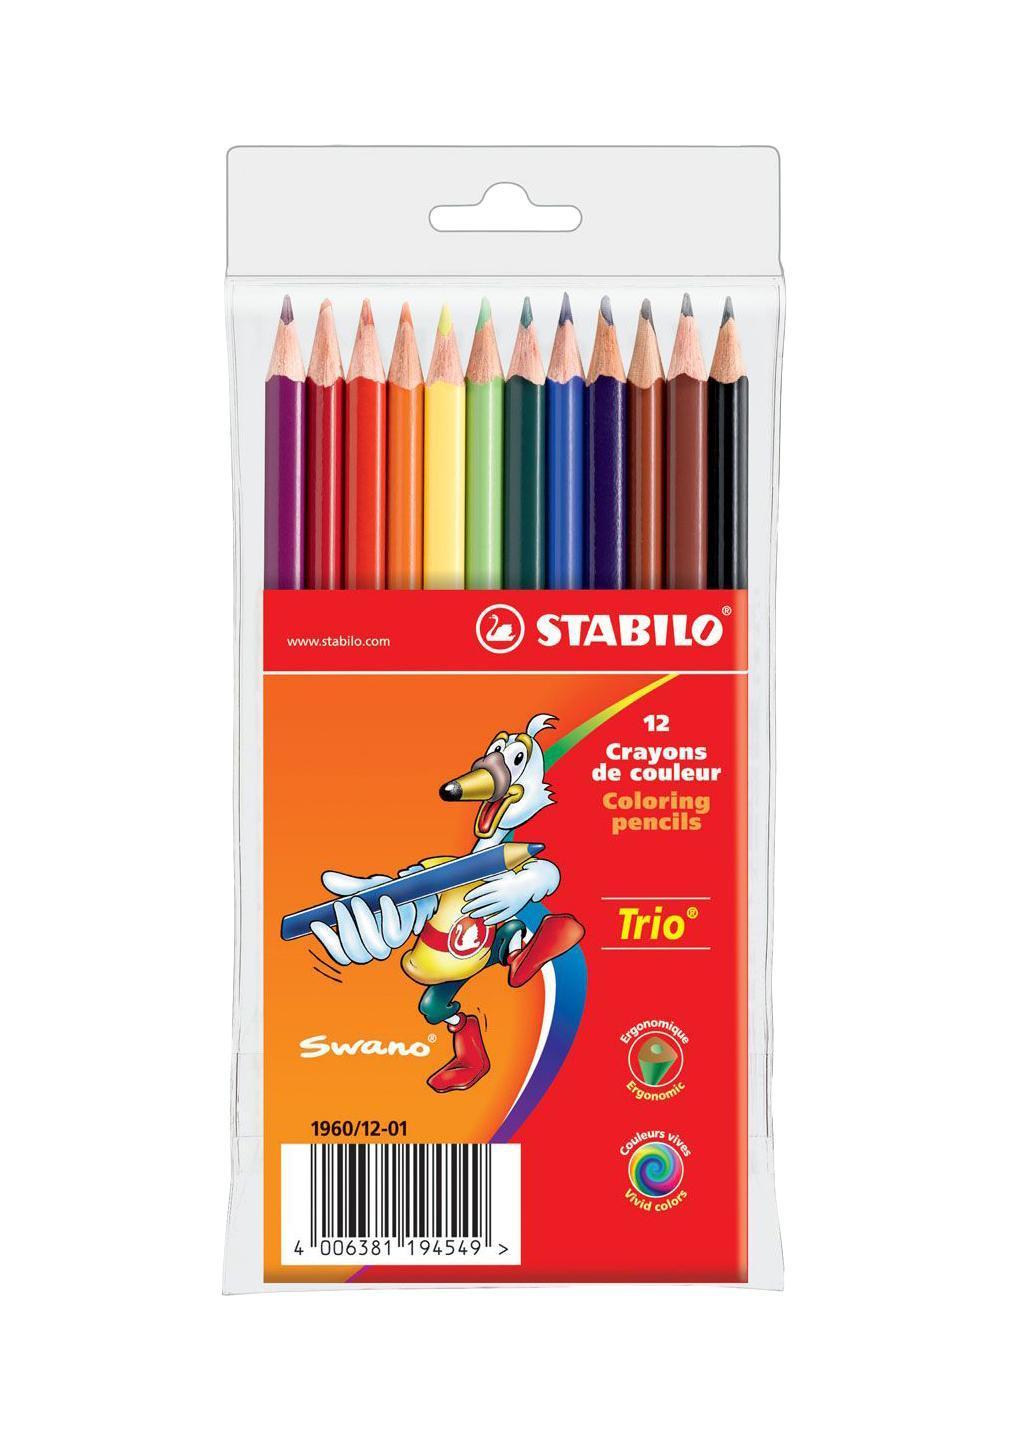 Карандаши цветные Stabilo Trio, 12 цветов1960/12-01Серия цветных карандашей STABILO Trio. Трехгранная форма карандаша предотвращает усталость детской руки при рисовании и позволяет привить ребенку навык правильно держать пишущий инструмент. Карандаши имеют широкую гамму цветов, которые отлично смешиваются и позволяют создавать огромное количество оттенков. Насыщенные цвета имеют высокую светостойкость. В состав грифелей входит пчелиный воск, благодаря чему грифели легко рисуют на бумаге, не царапая ее и не крошась, и обладают повышенной устойчивостью к нагрузкам. Карандаши не ломаются при рисовании и затачивании. Характеристики: Материал: дерево. Диаметр карандаша: 0,7 см. Диаметр грифеля: 2,5 мм. Длина карандаша: 17,5 см. Толщина письма: 0,1 см. Размер упаковки: 10,5 см х 17,5 см х 1 см. Изготовитель: Германия.